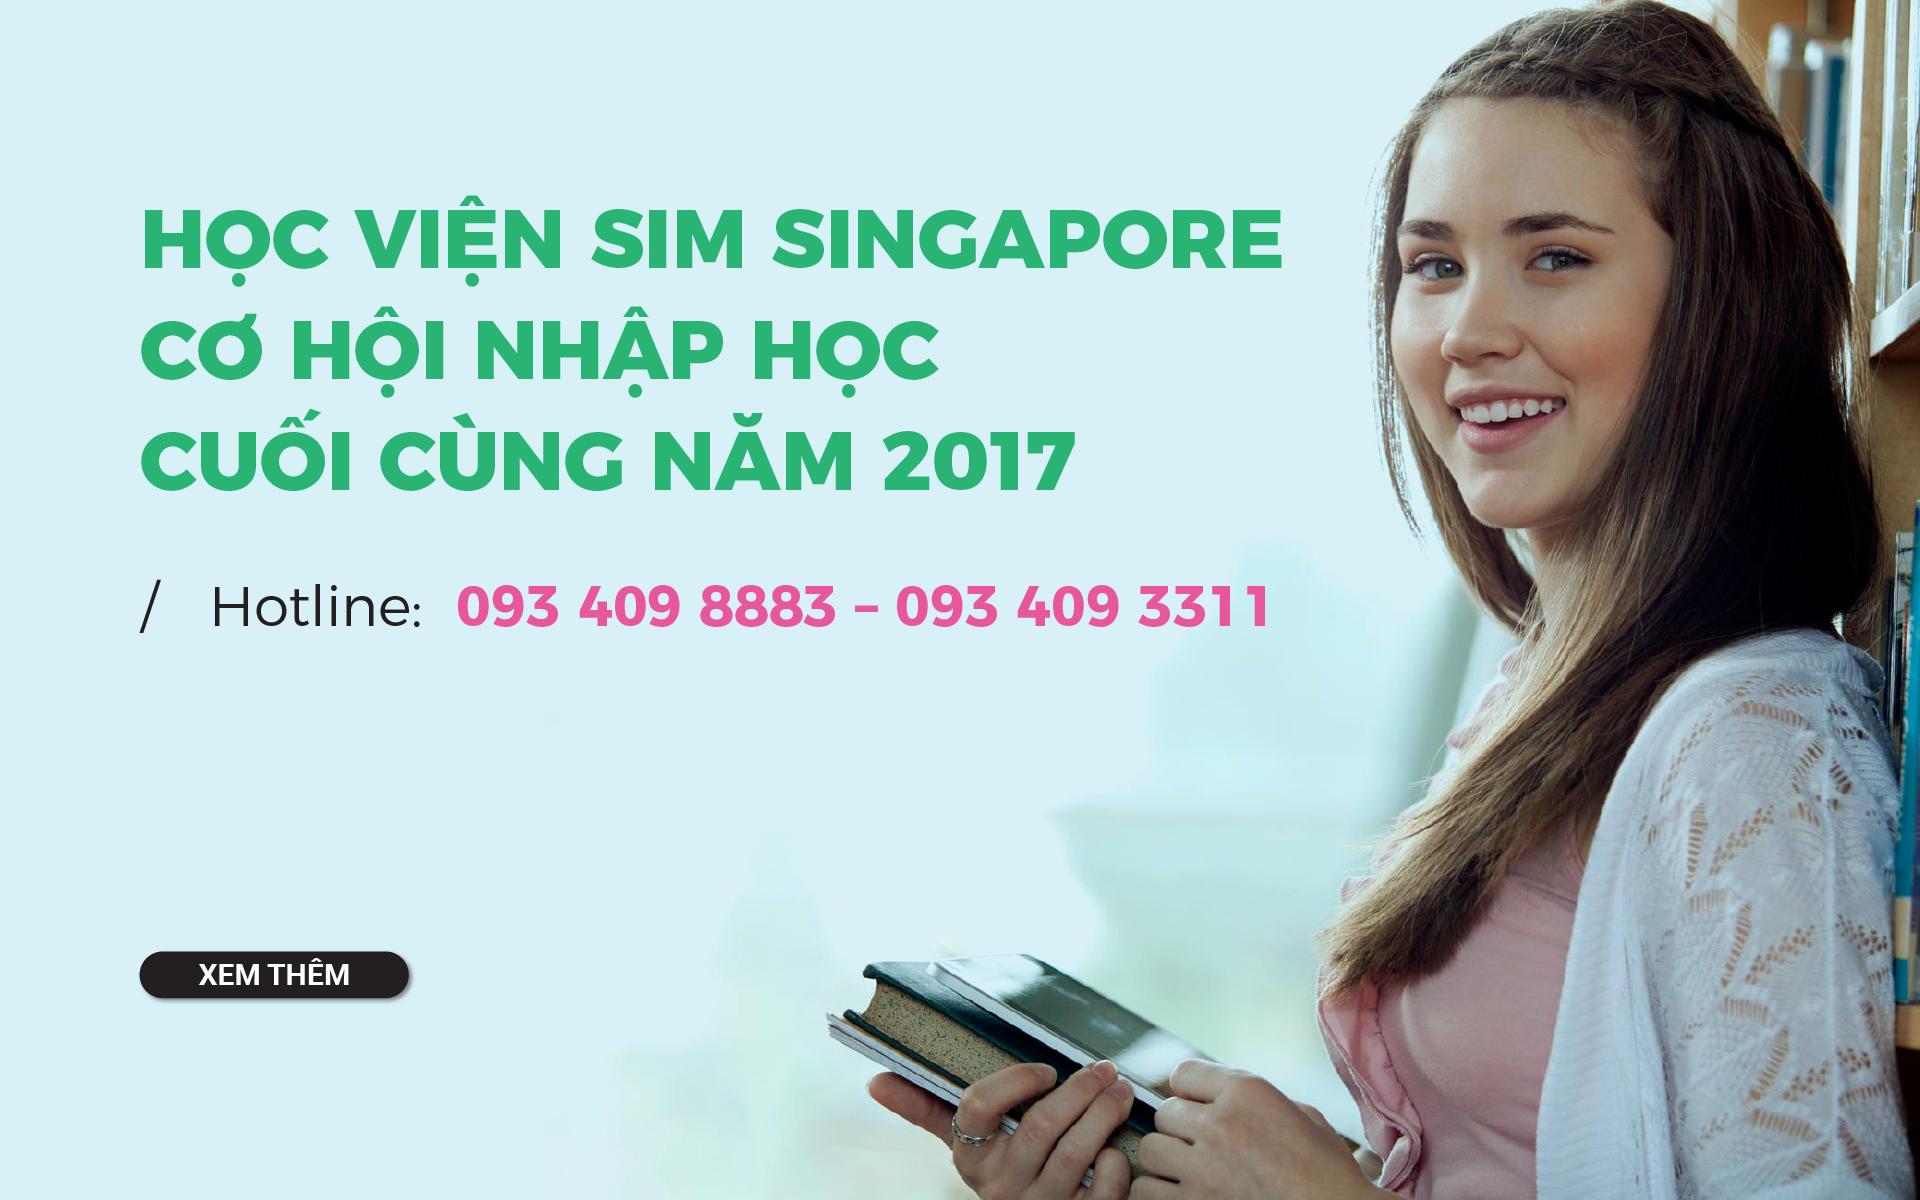 Chỉ còn 1 kỳ nhập học cuối cùng trong năm 2017 của Học viện SIM